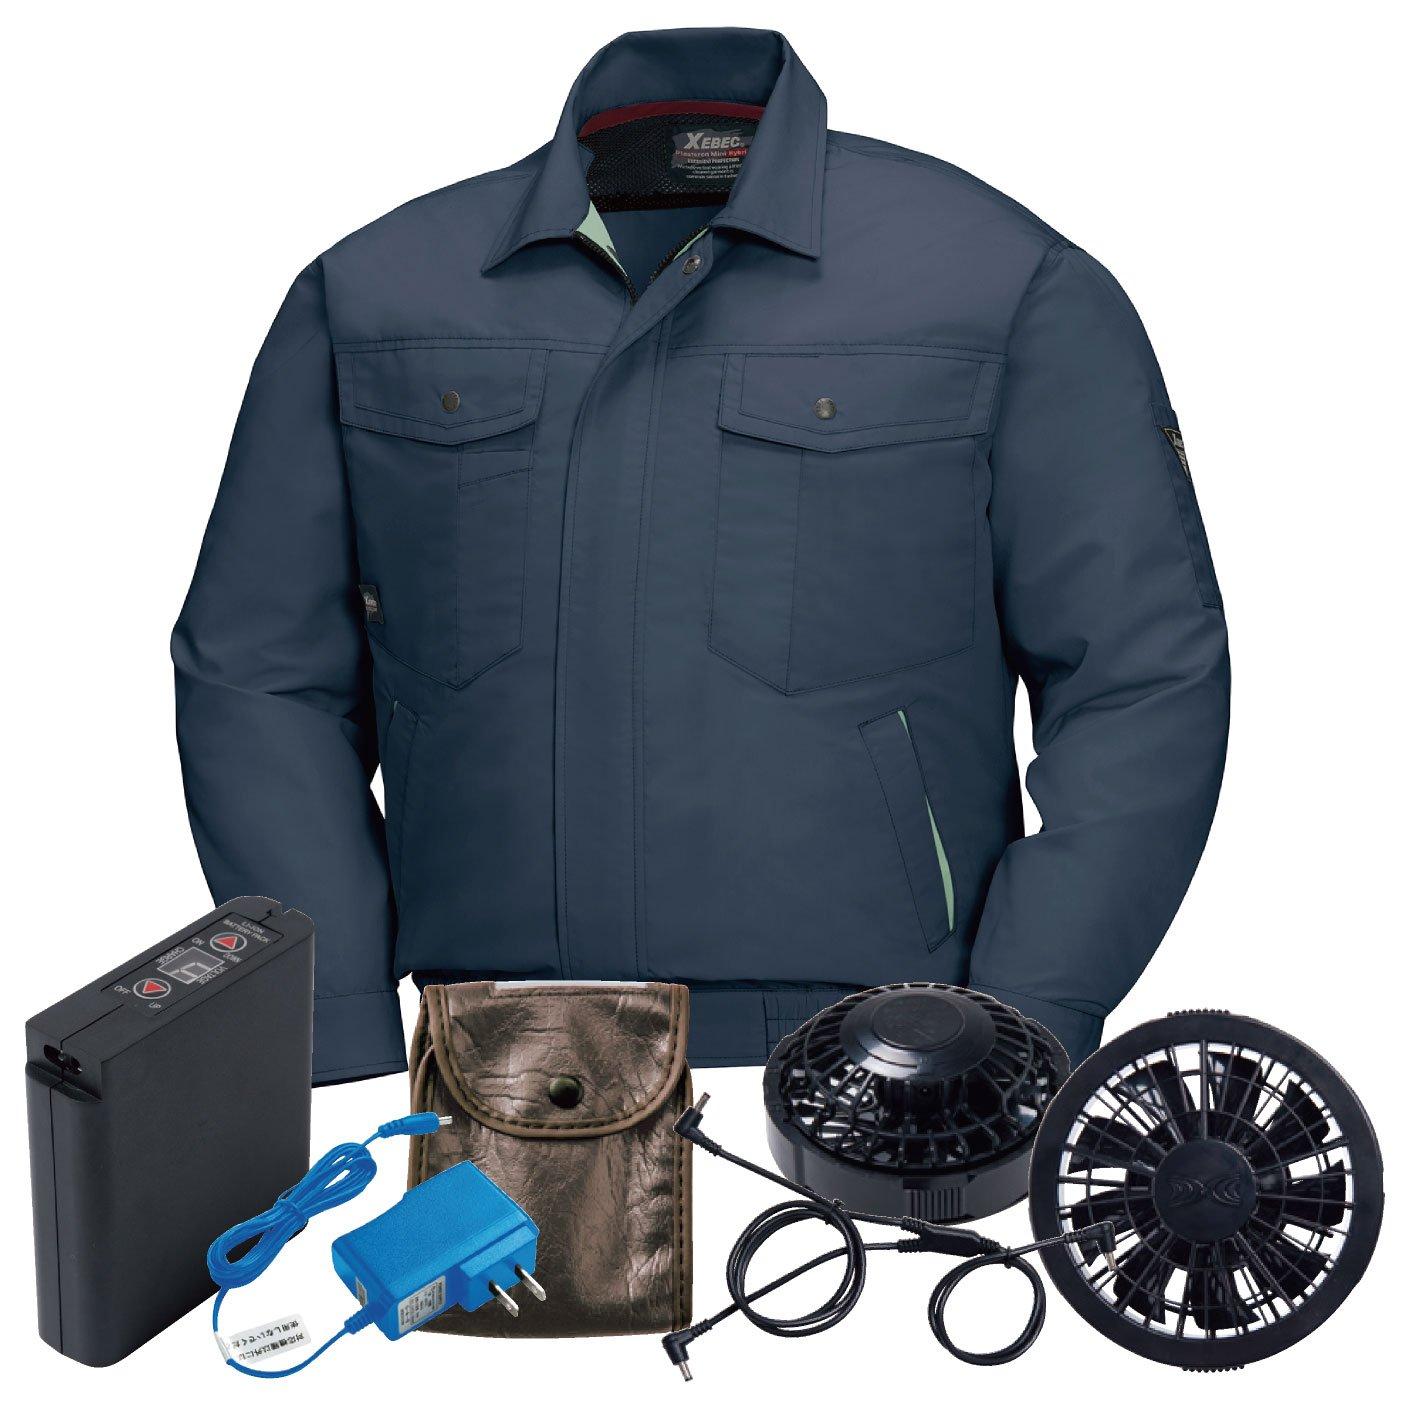 XEBEC(ジーベック) 空調服 ファン付き 長袖ブルゾン ジーベック XEBEC 空調服セット メンズ xb-xe98007-l 【空調服+ファンバッテリーセット】 B07CXG1D6Z M|チャコールグレー/黒ファン チャコールグレー/黒ファン M